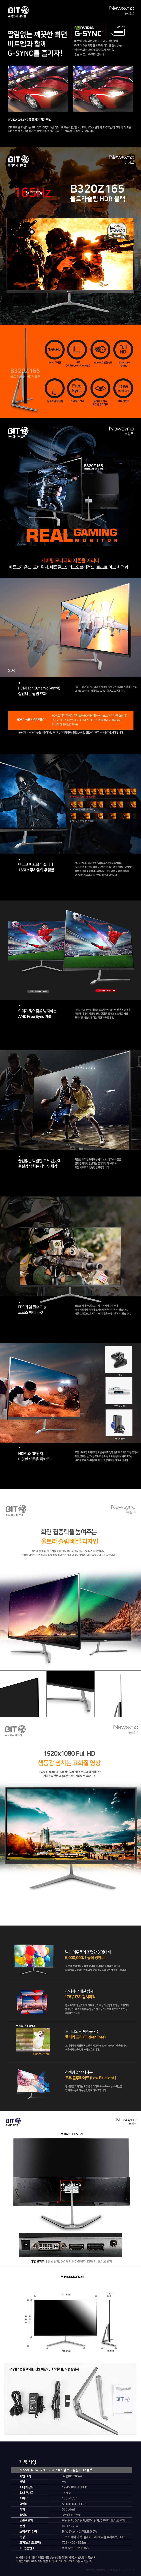 비트엠 Newsync B320Z165 울트라슬림 HDR 블랙 무결점